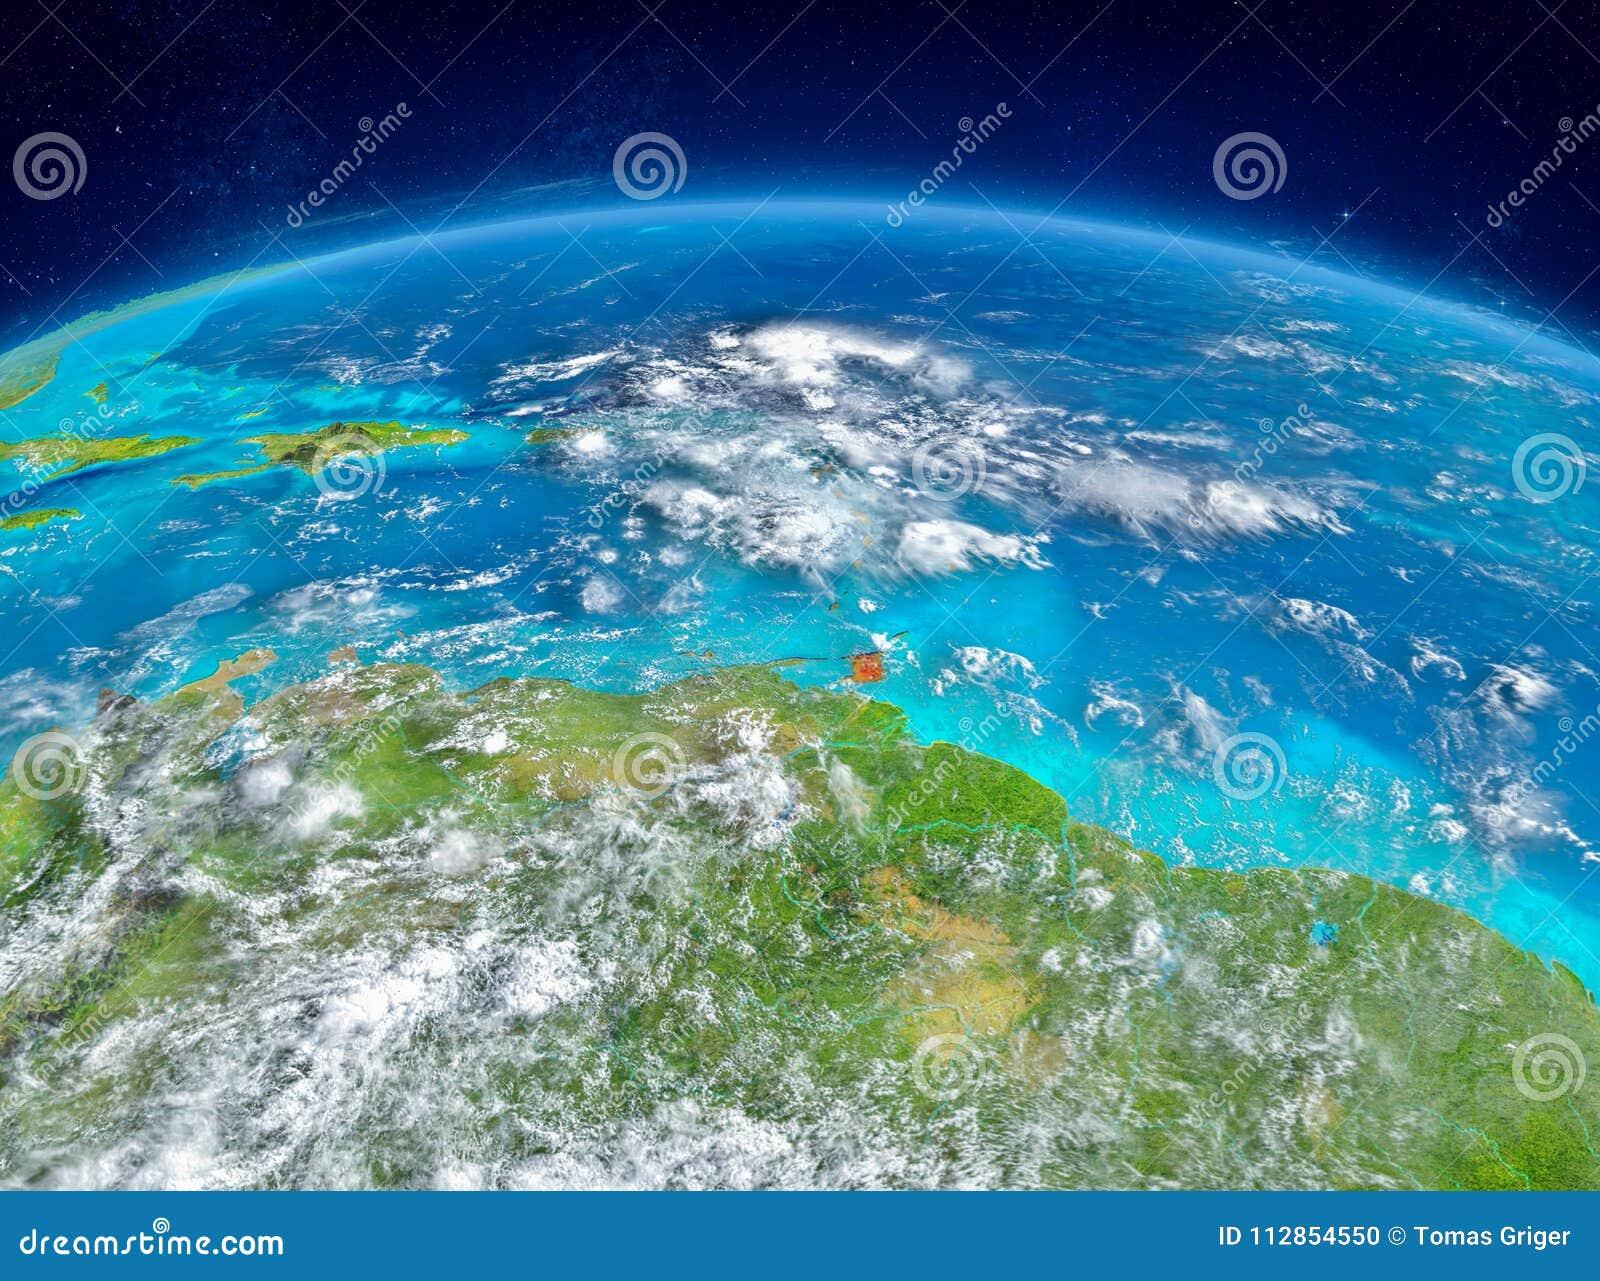 Caribbean on Earth